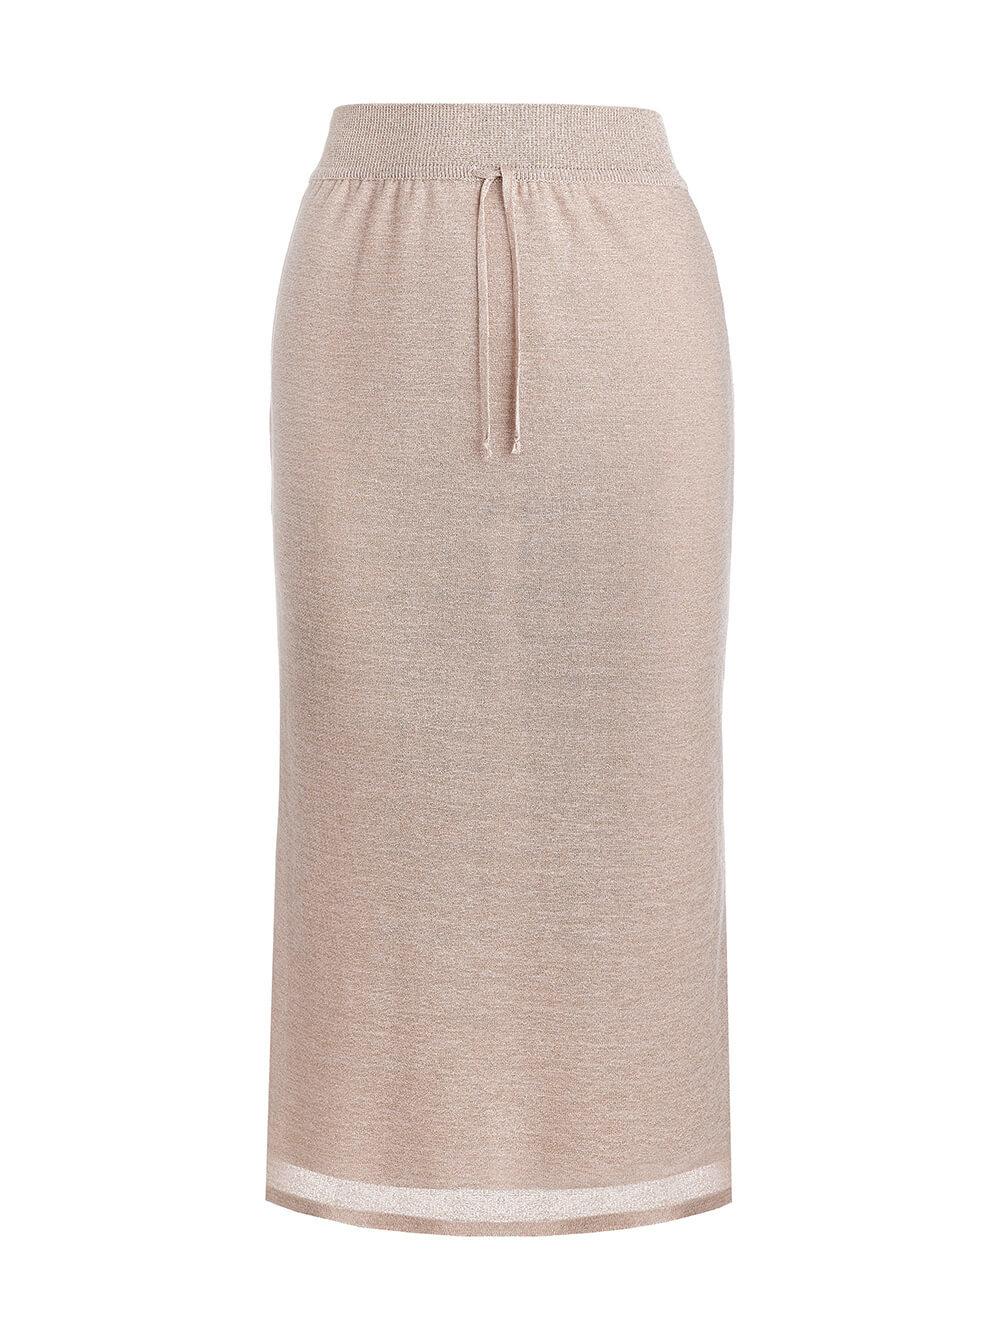 Женская двухслойная юбка-карандаш с люрексом золотого цвета - фото 1